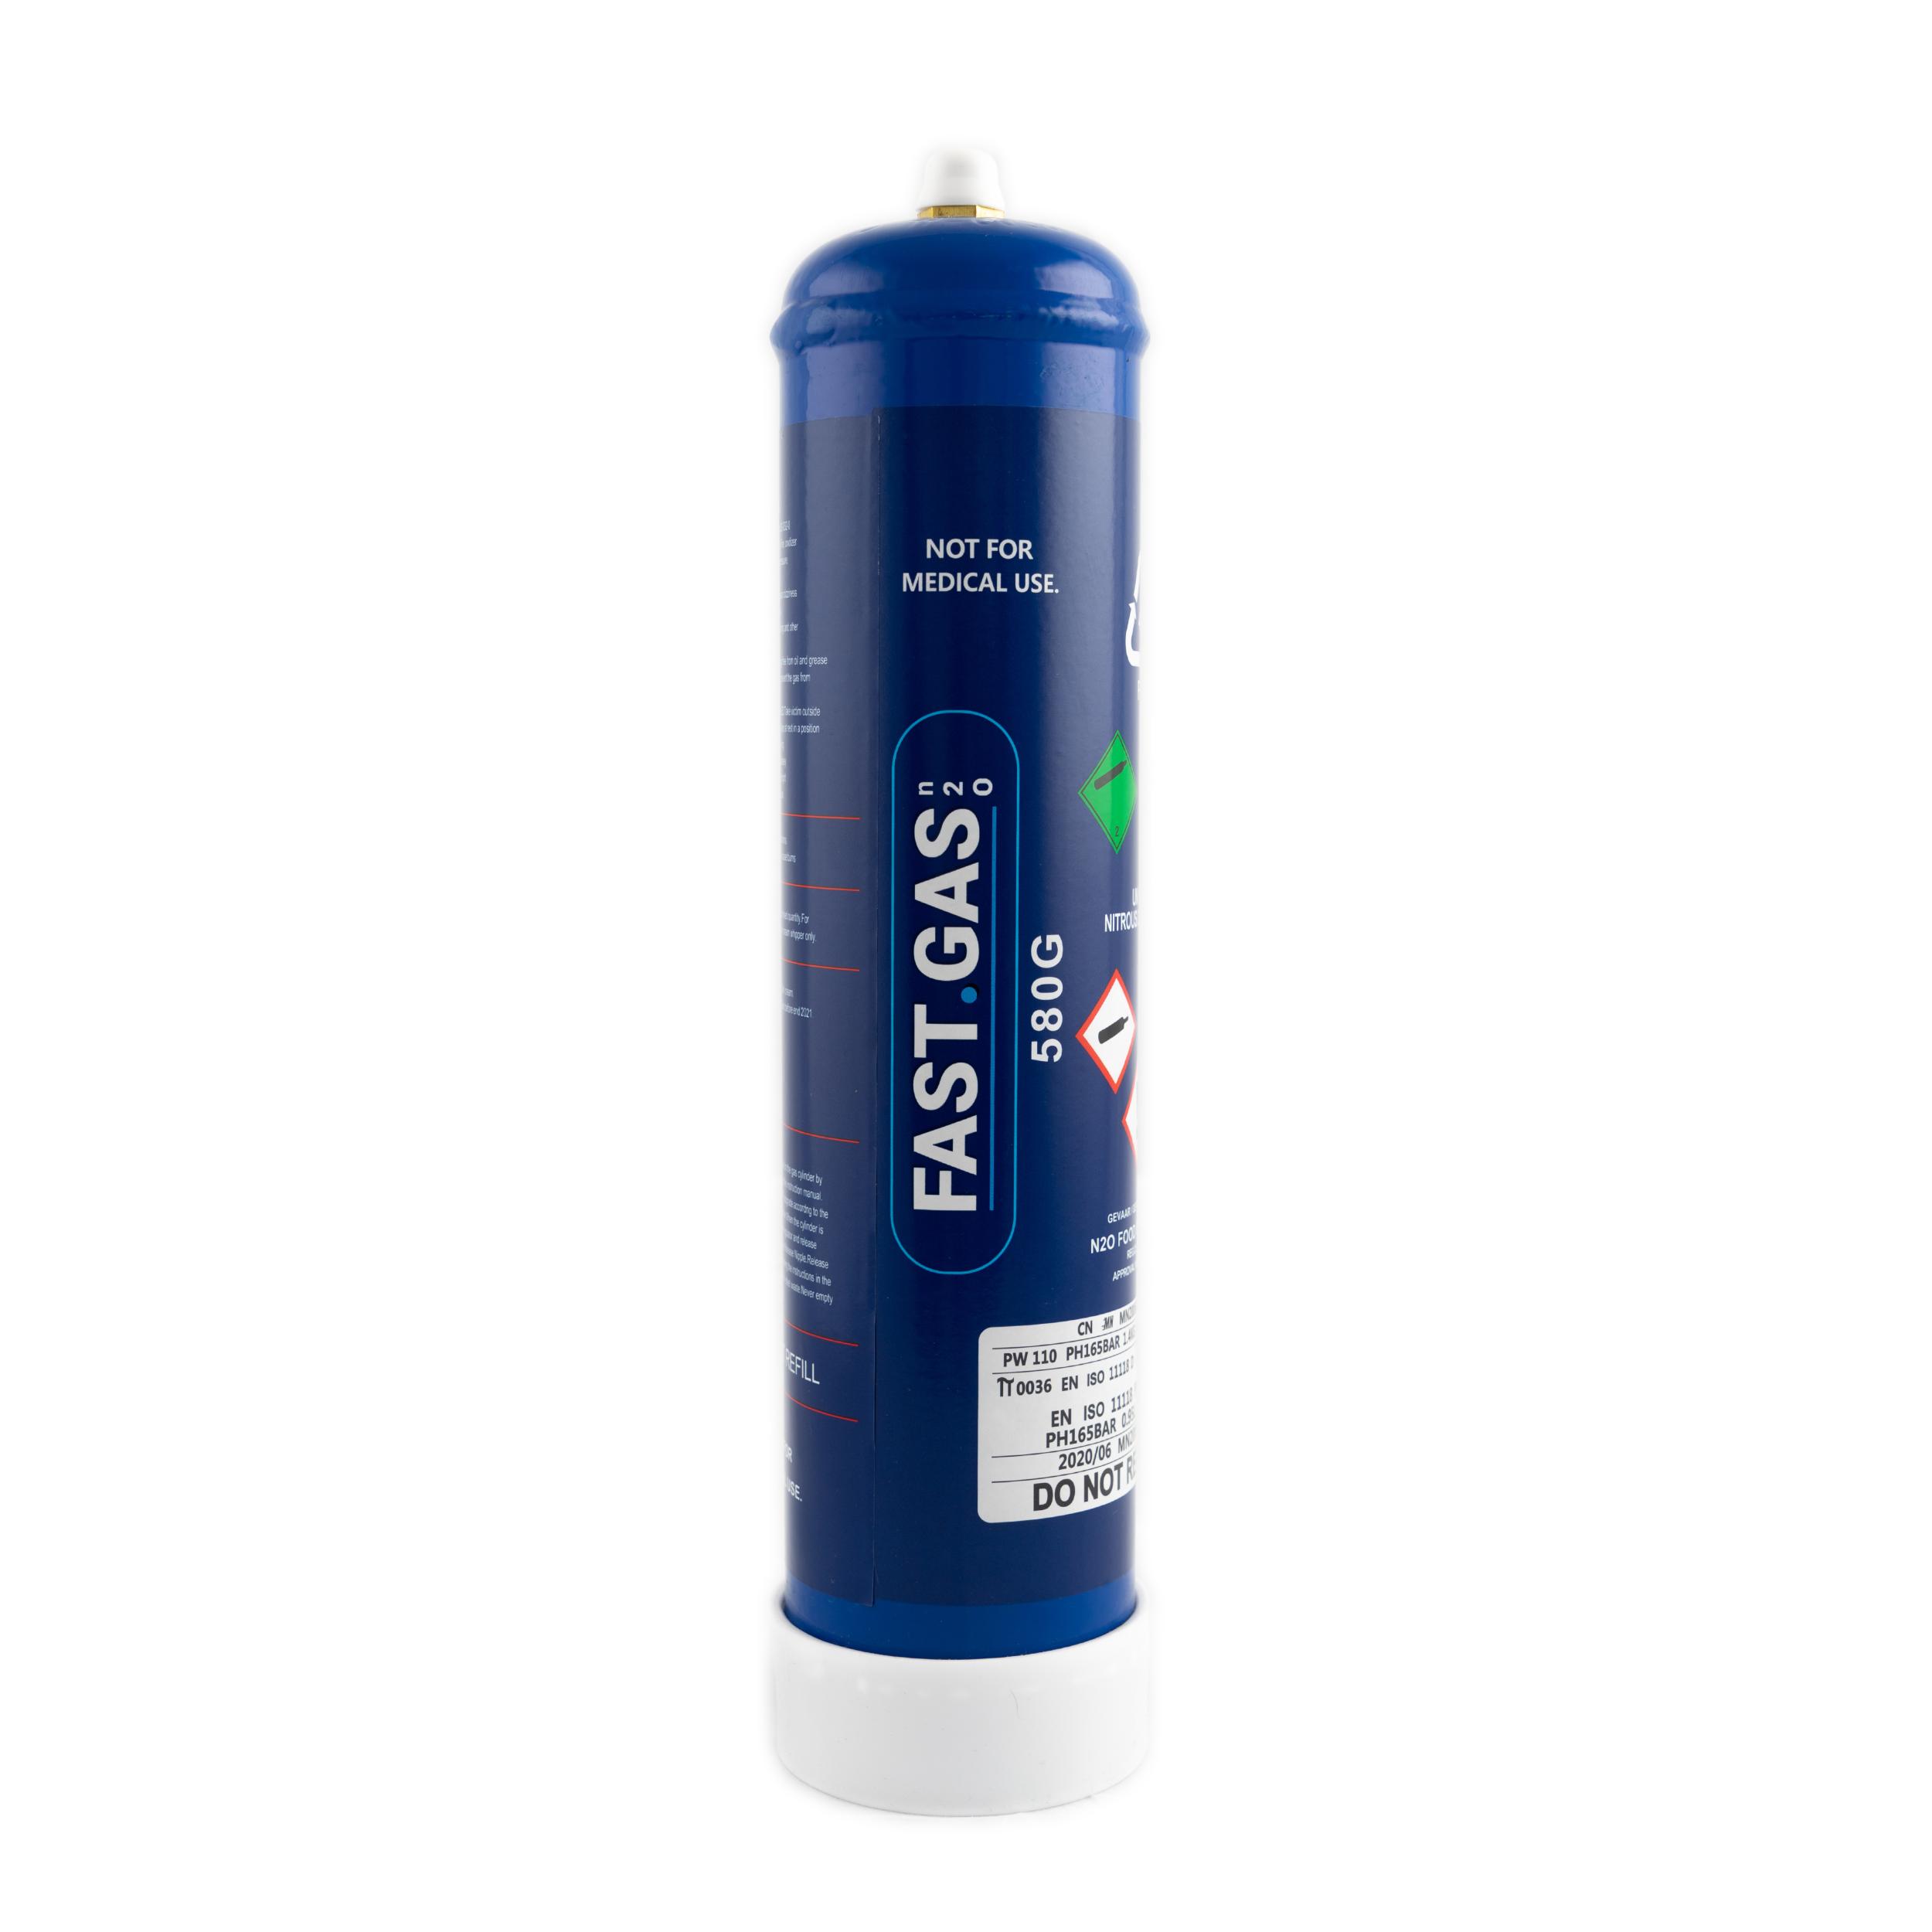 FASTGAS ENGANG LATTERGAS-TANK 580 GRAM.